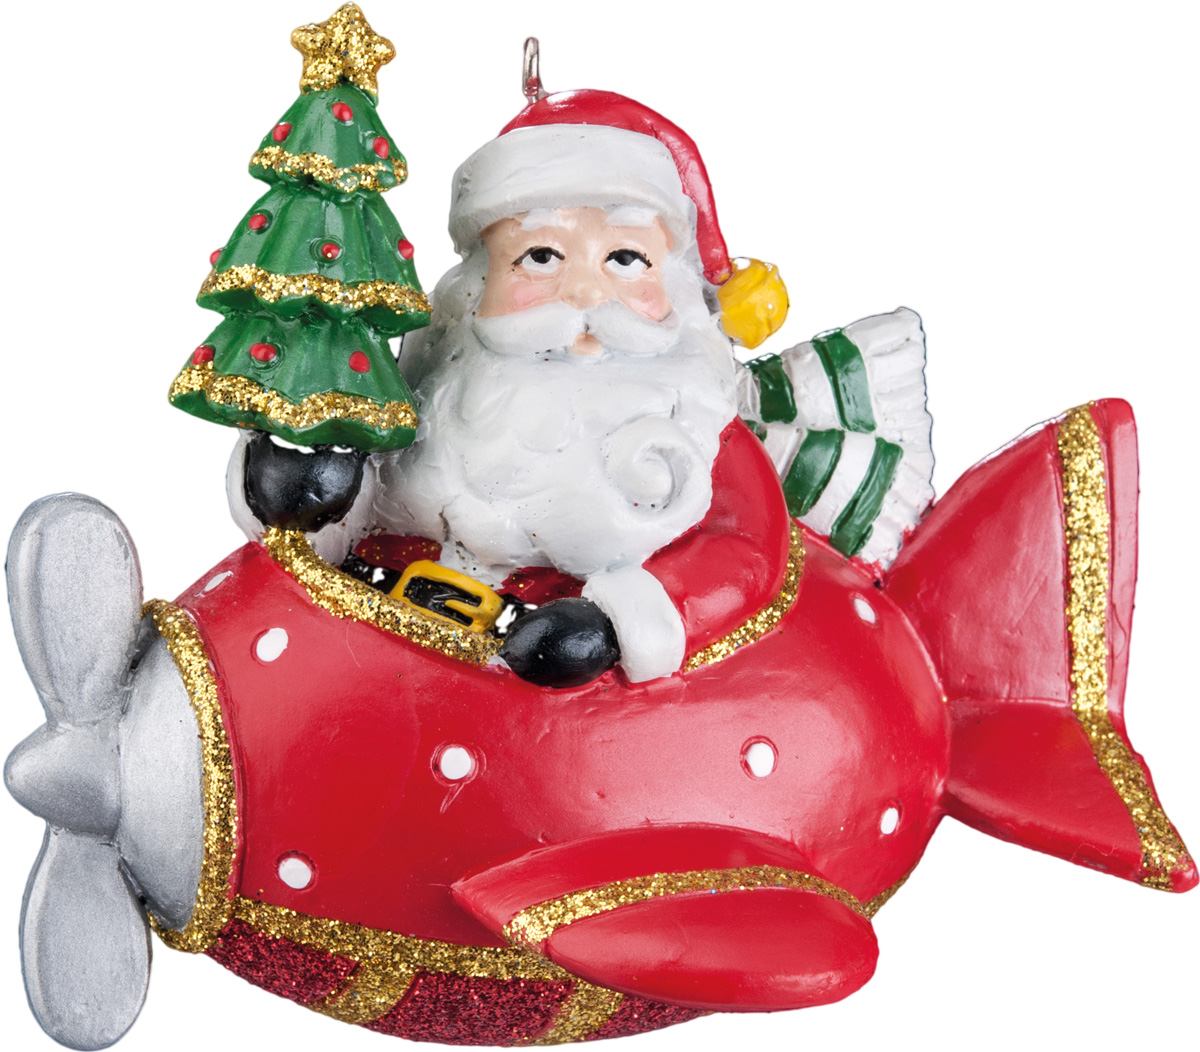 Украшение для интерьера новогоднее Erich Krause Рождественский полет, 8,5 см37751Украшение имеет много интересных деталей: самолет, Дед Мороз, и елка. Упаковка - полибэг.